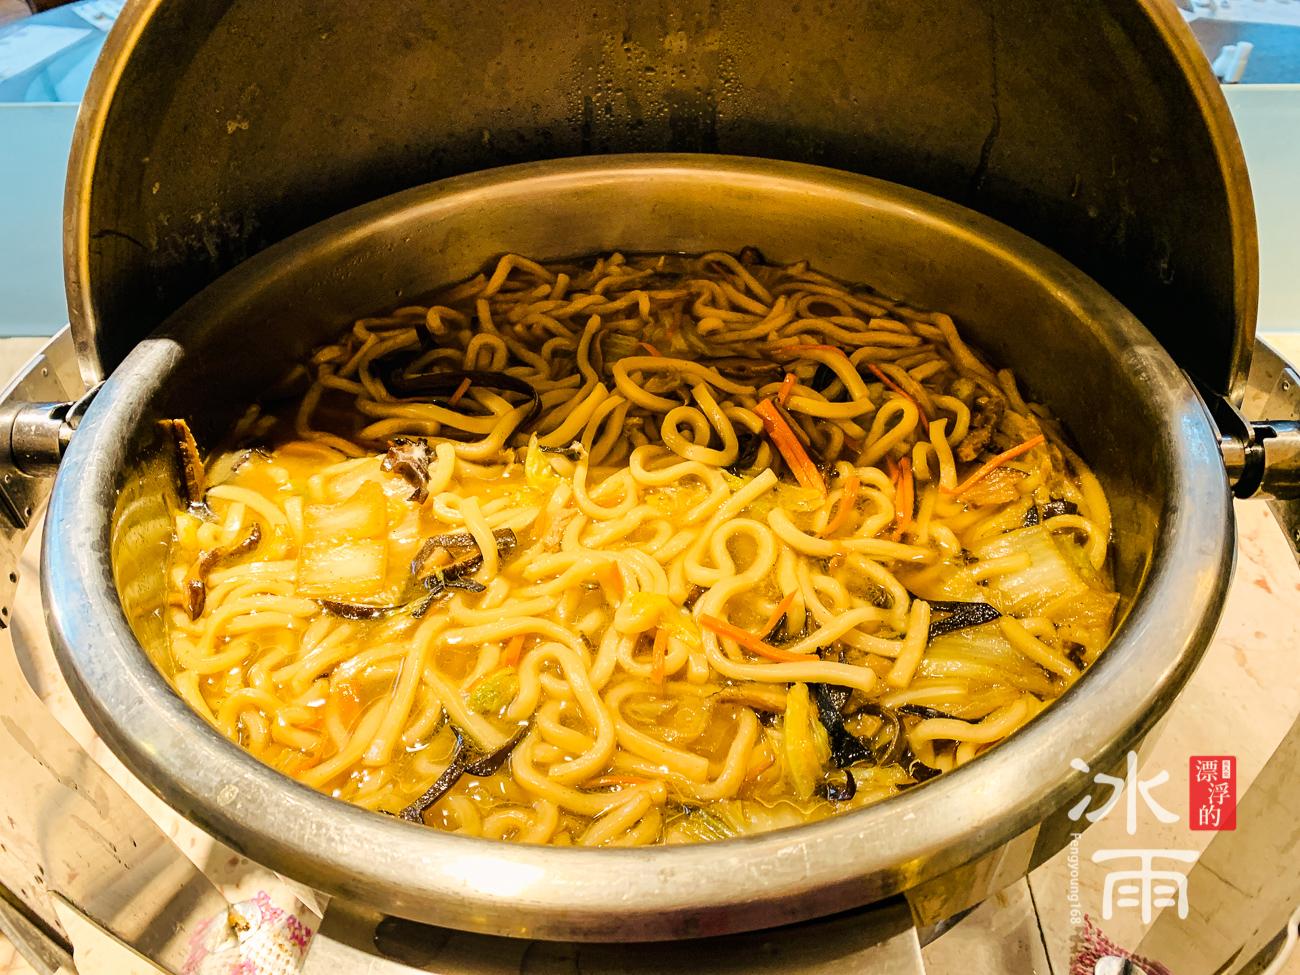 陽明山天籟溫泉會館|早餐菜色|炒麵